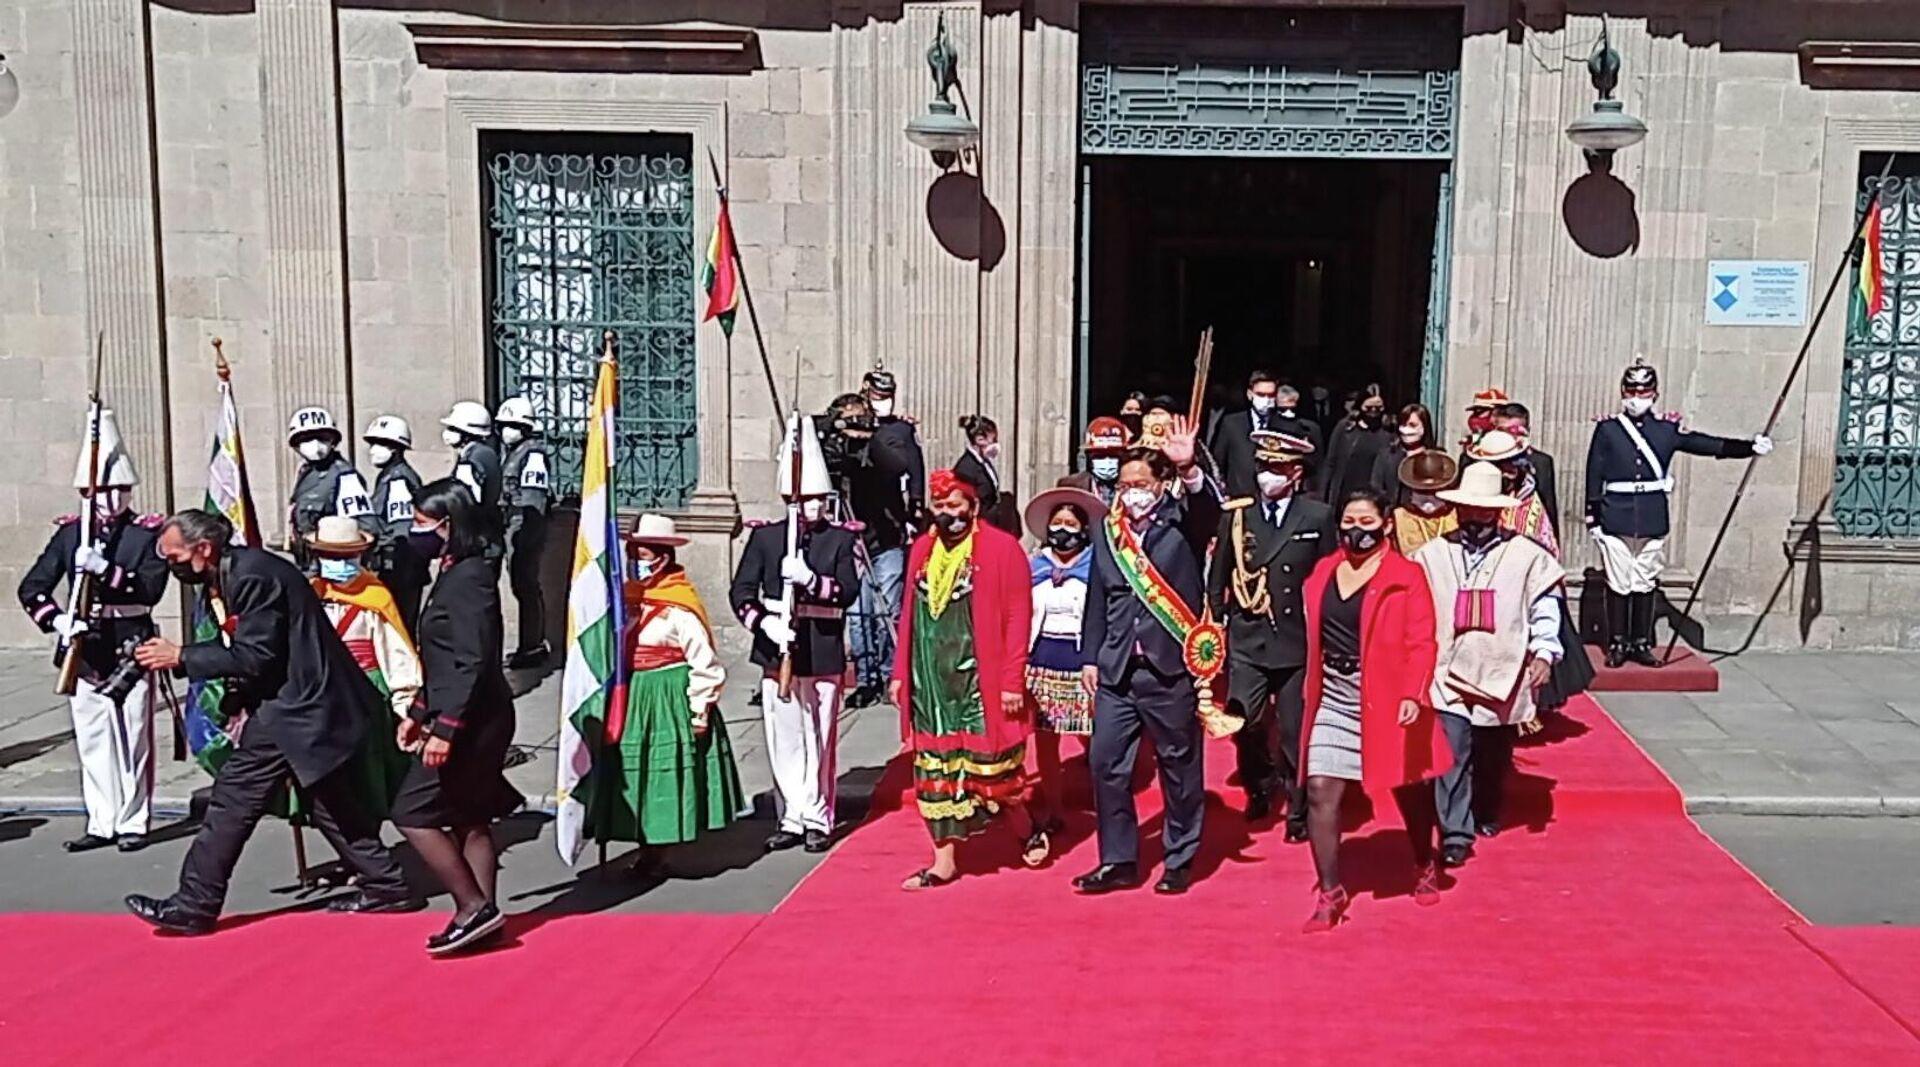 El presidente de Bolivia, Luis Arce, saliendo de la sede del Gobierno durante los actos por la independencia - Sputnik Mundo, 1920, 06.08.2021